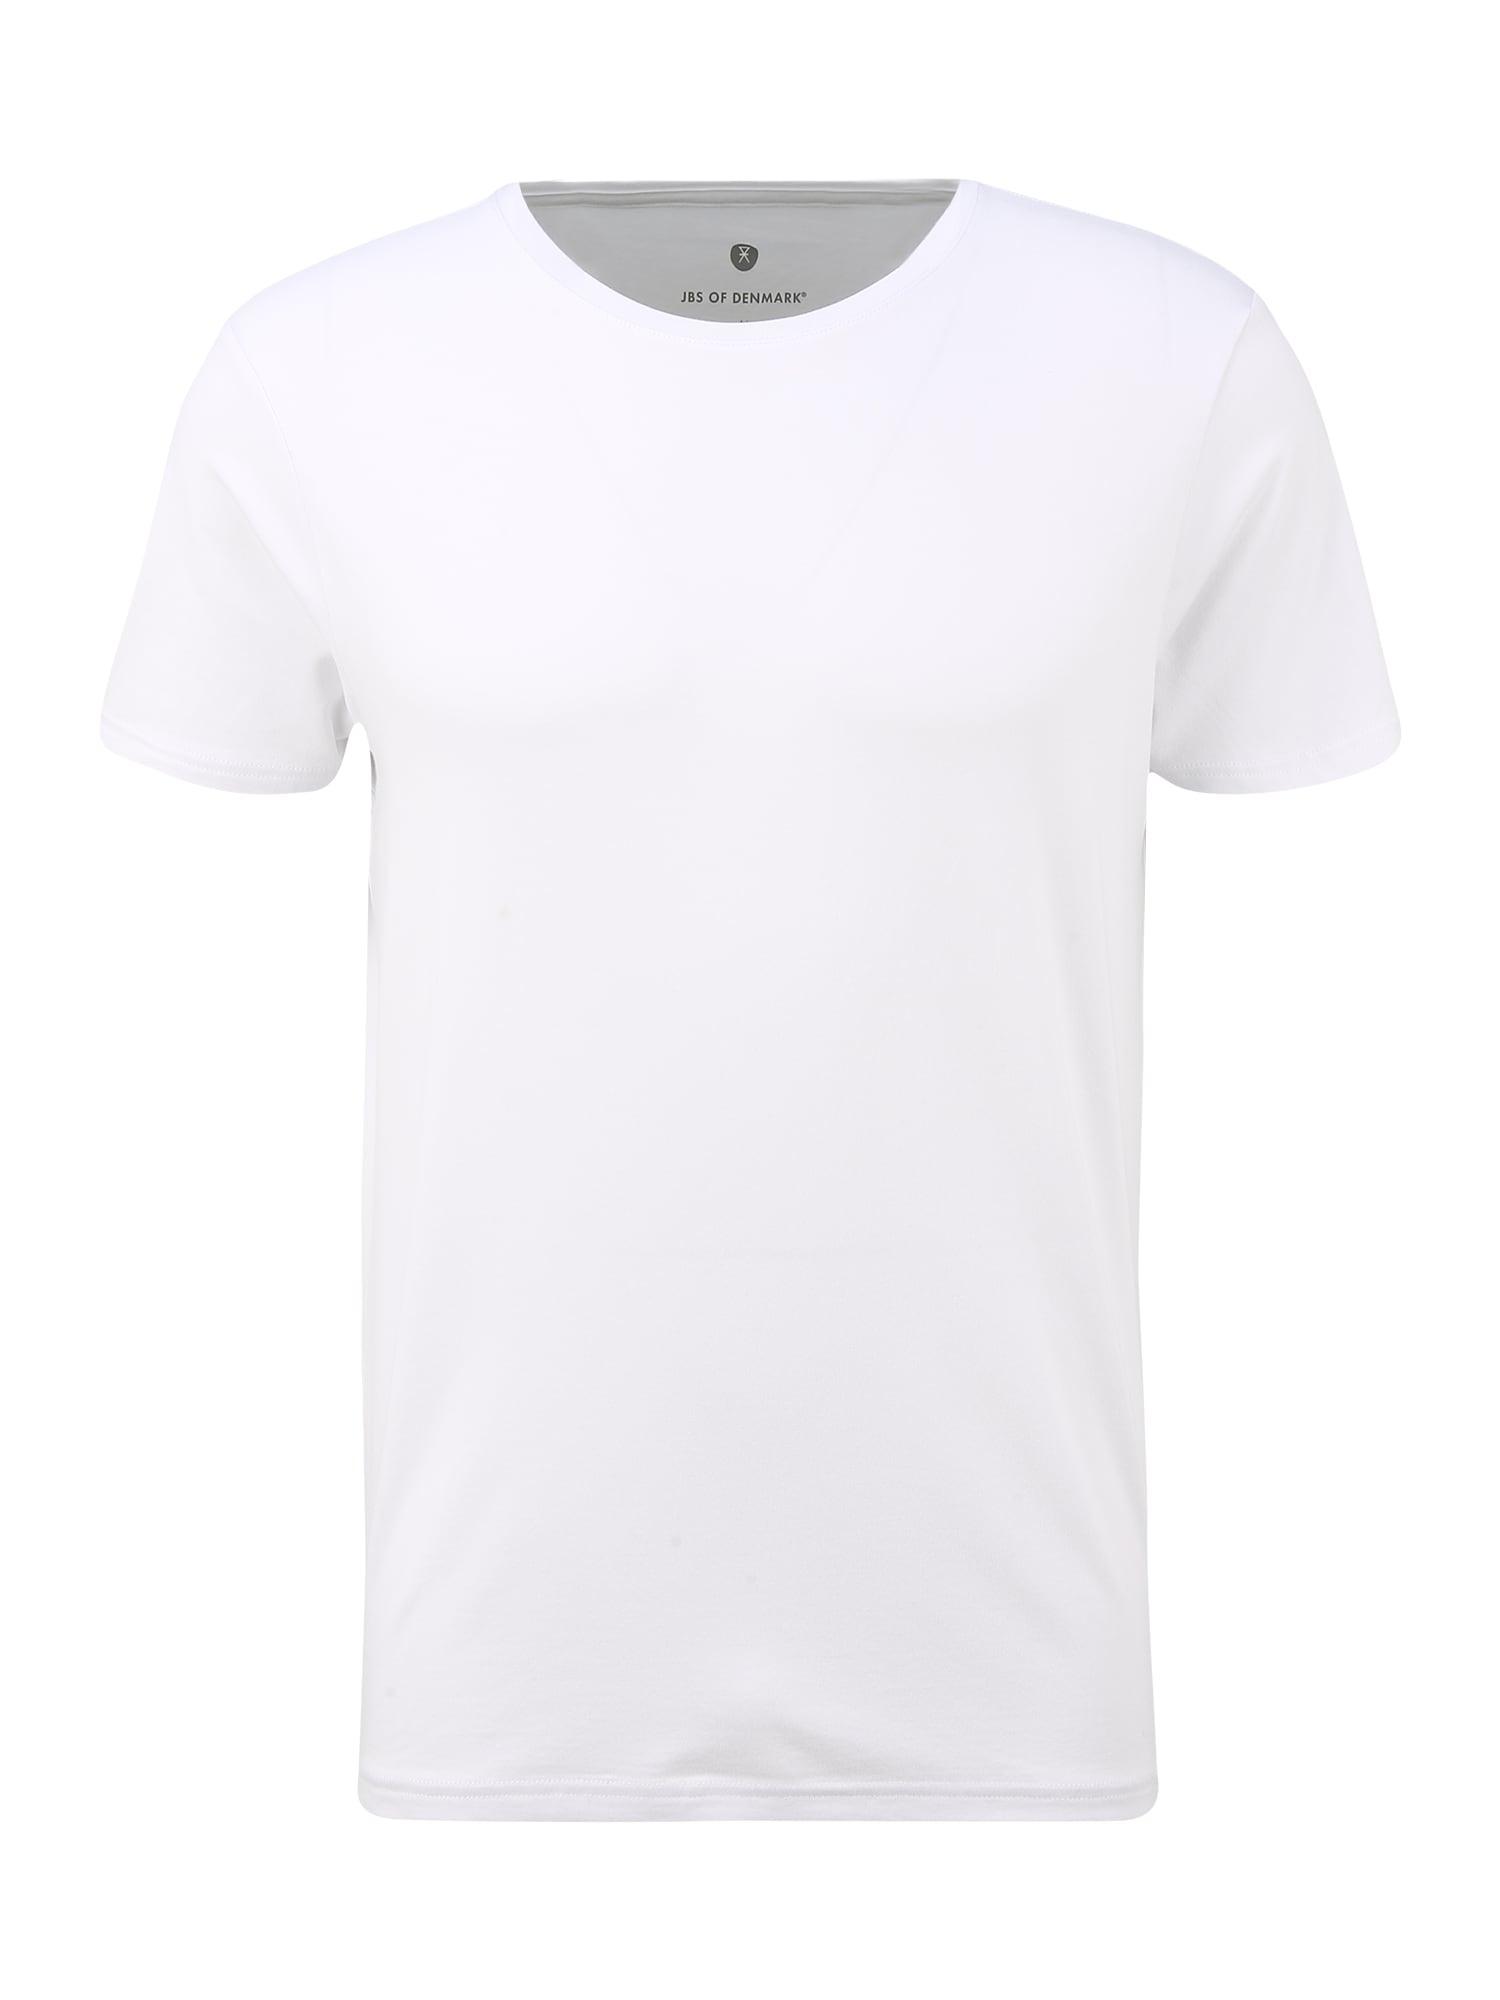 JBS OF DENMARK Marškinėliai balta